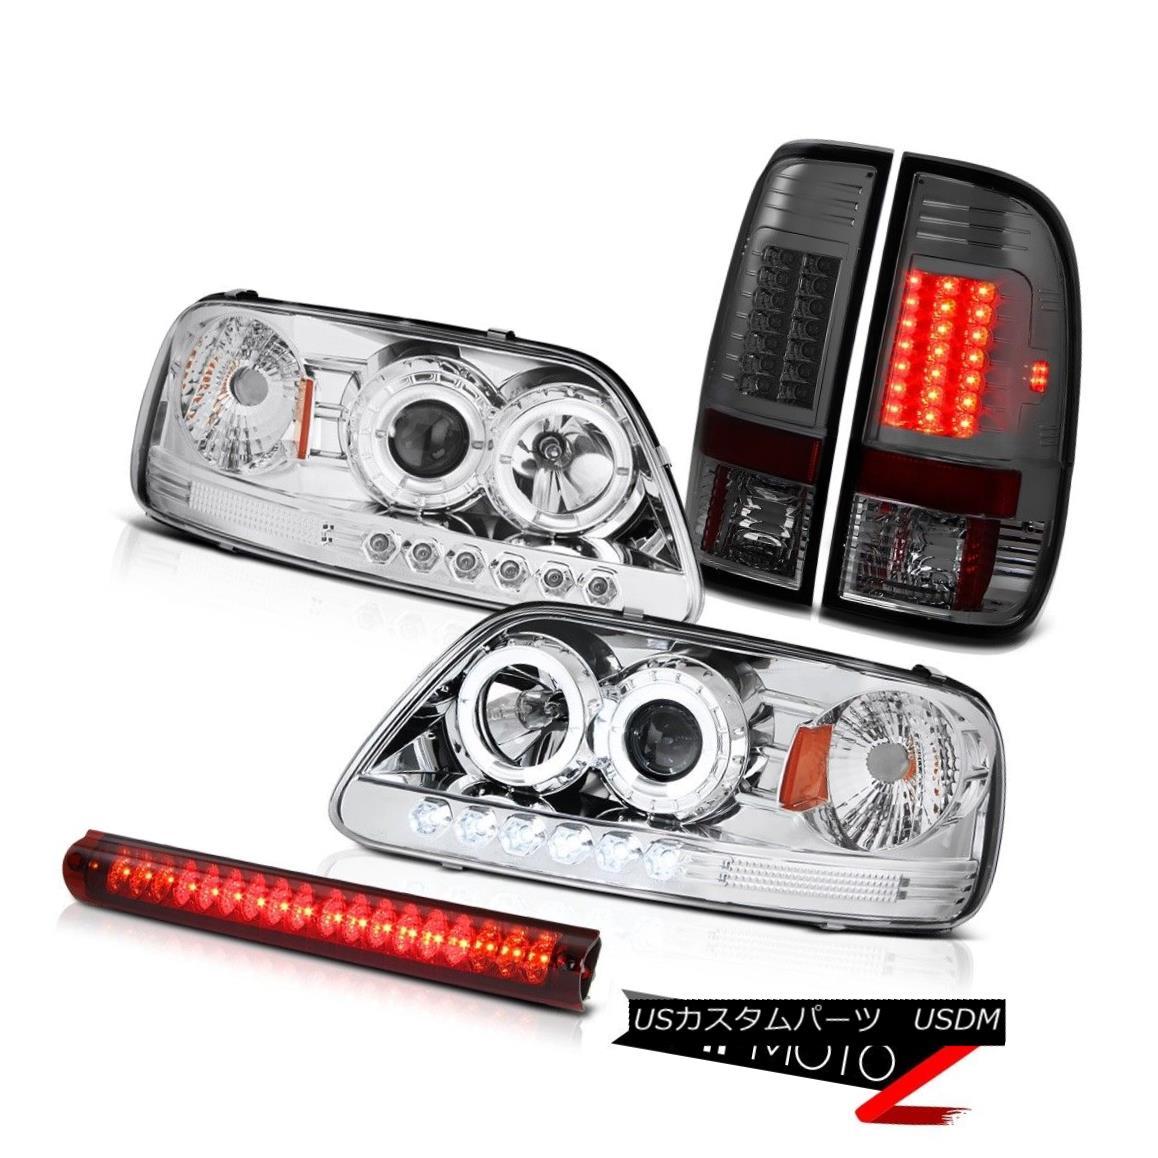 テールライト Halo LED Headlight Headlamp Smoked Tail Light Roof Stop Lamp Red 97-03 Ford F150 Halo LEDヘッドライトヘッドランプスモークテールライトルーフストップランプレッド97-03 Ford F150